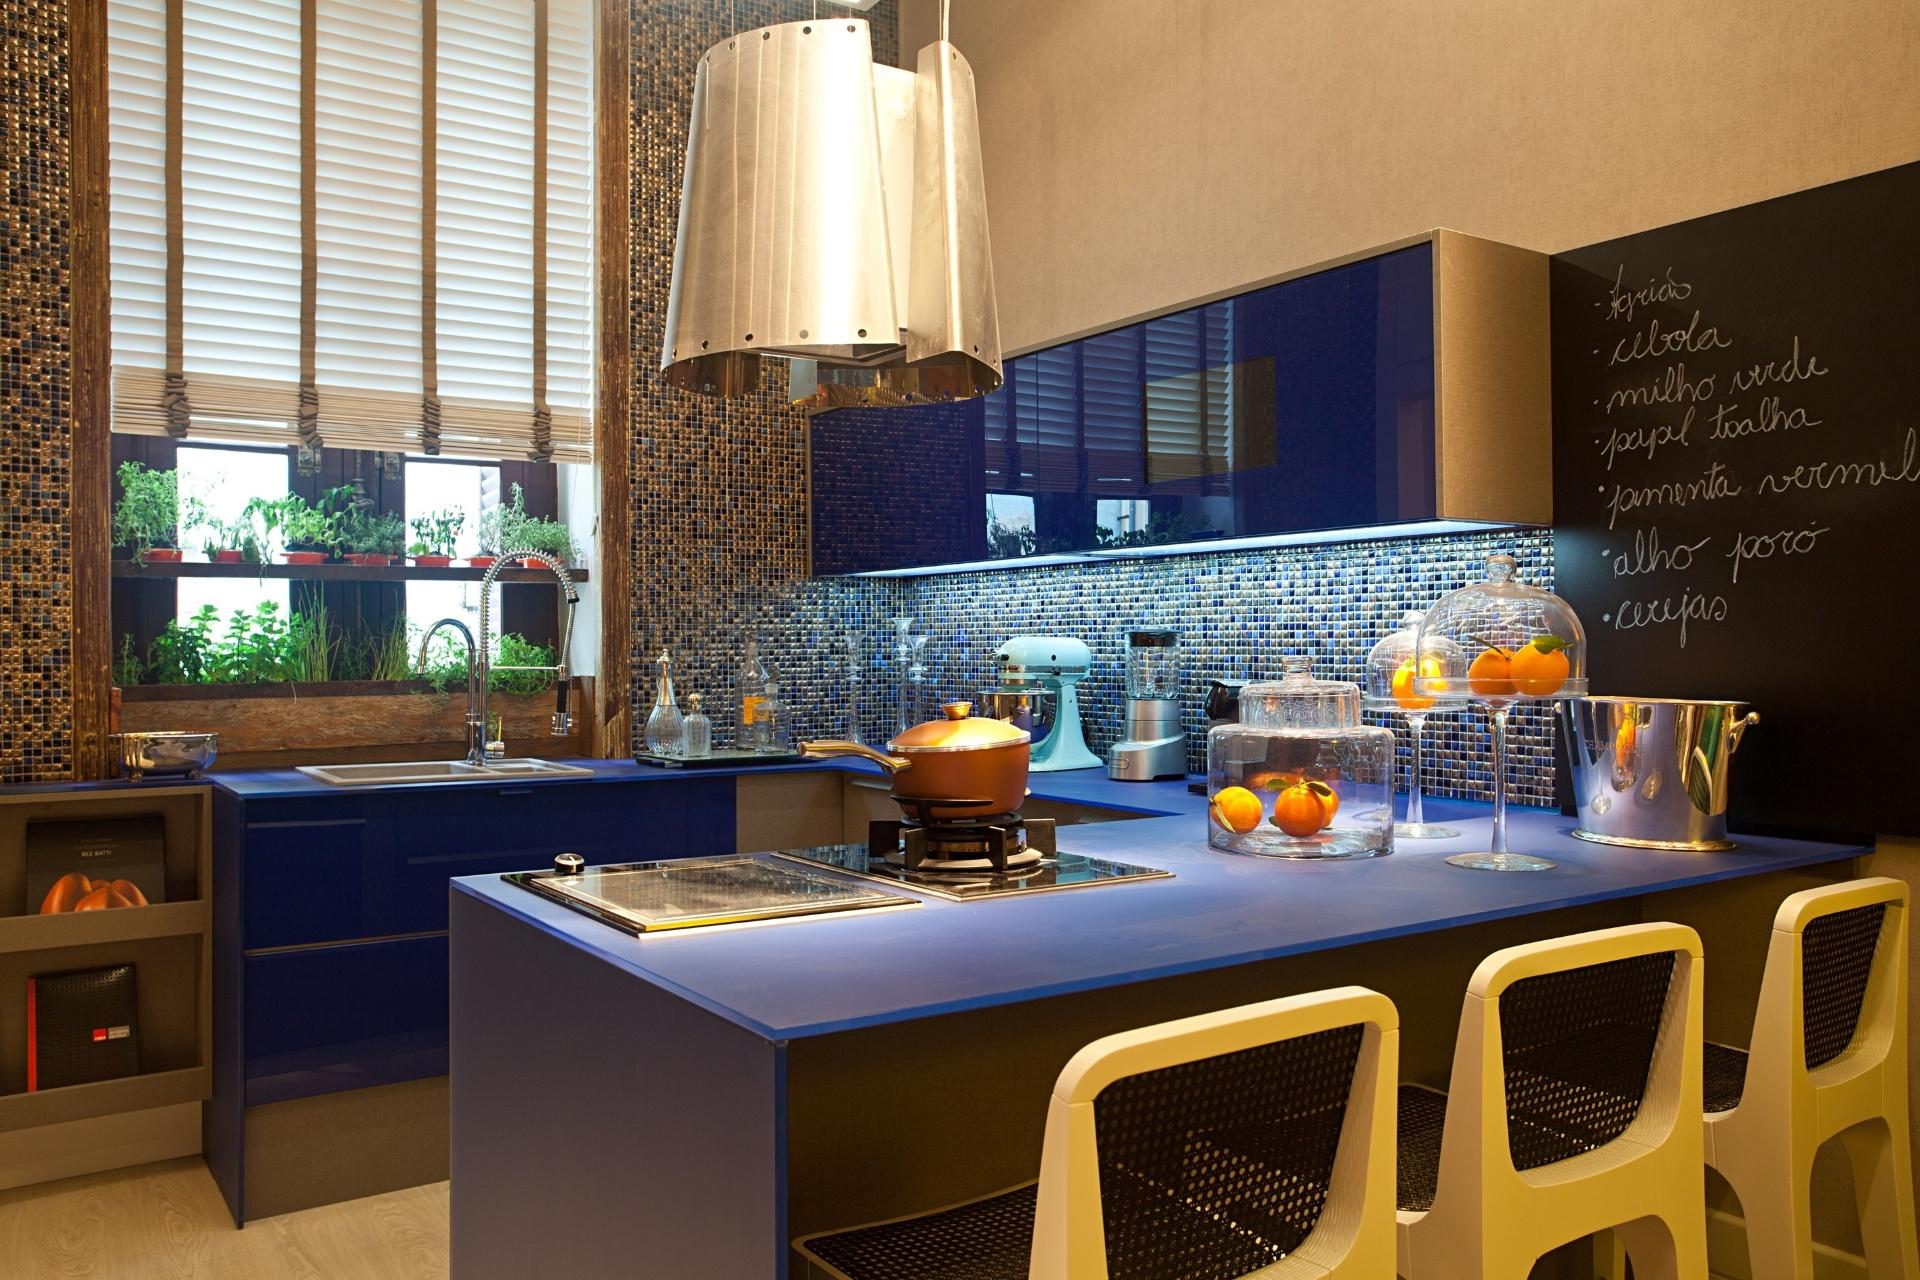 Thoni Litsz assina o Estúdio do Chef. No espaço, dividido em cozinha gourmet (foto) e um quarto, predominam os tons de azul, cinza e pérola. A Casa Cor RJ vai de 03 de outubro a 19 de novembro de 2012, no Rio de Janeiro